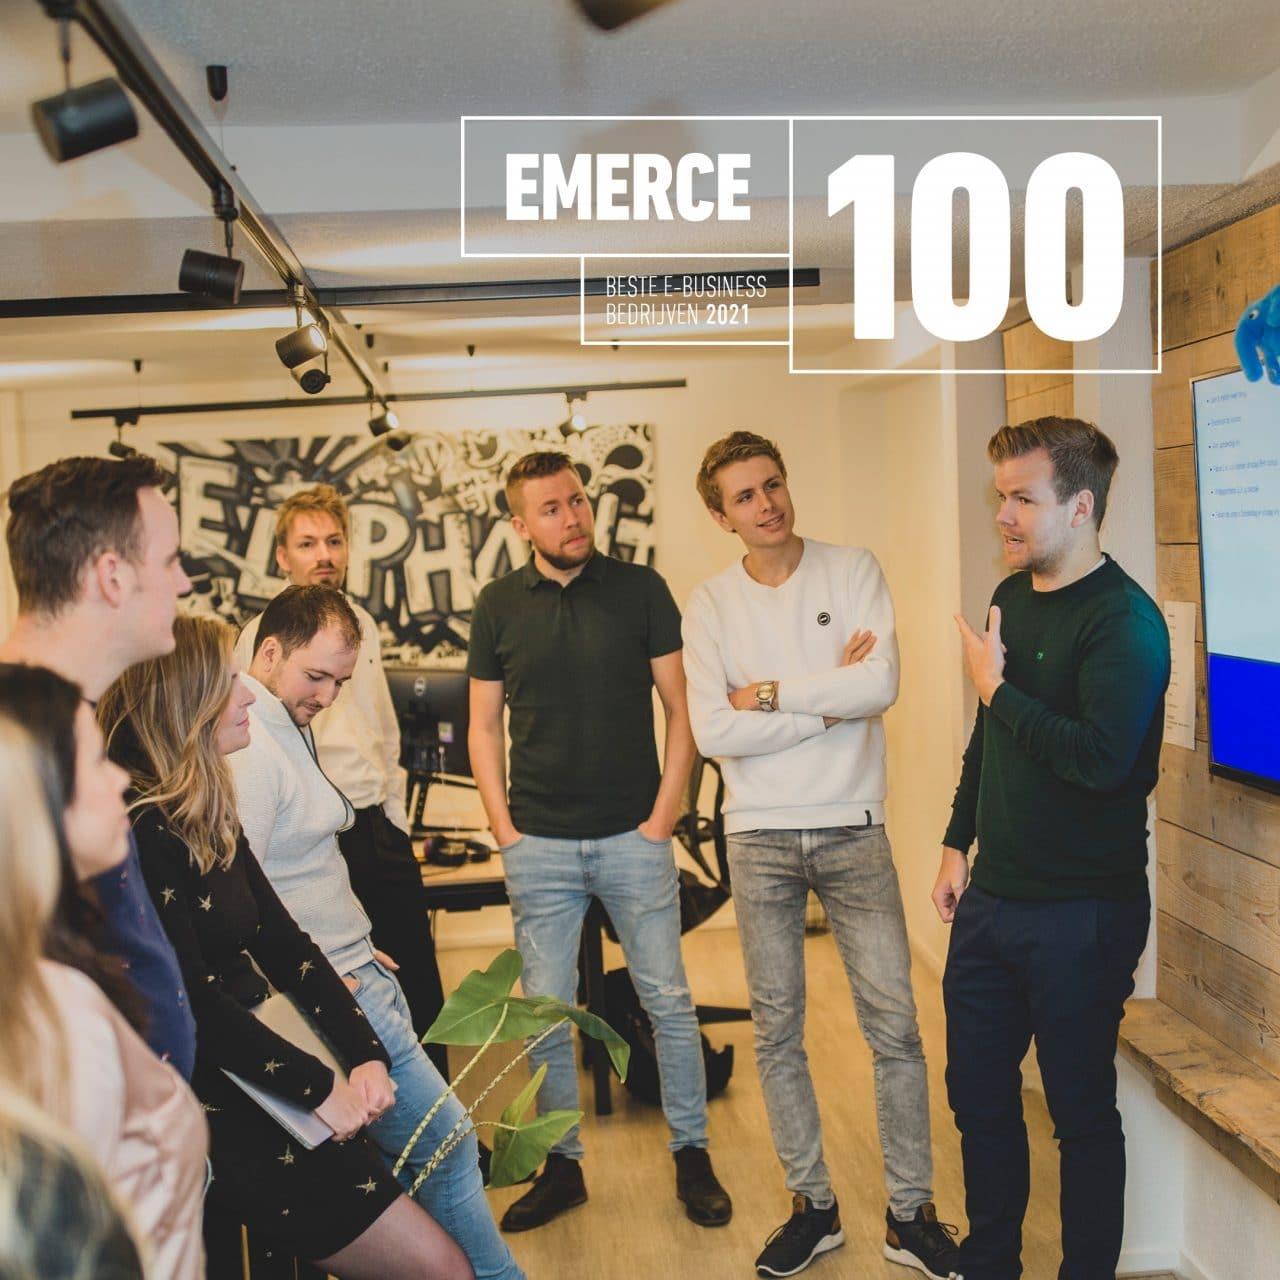 Elephant Emerce top 100